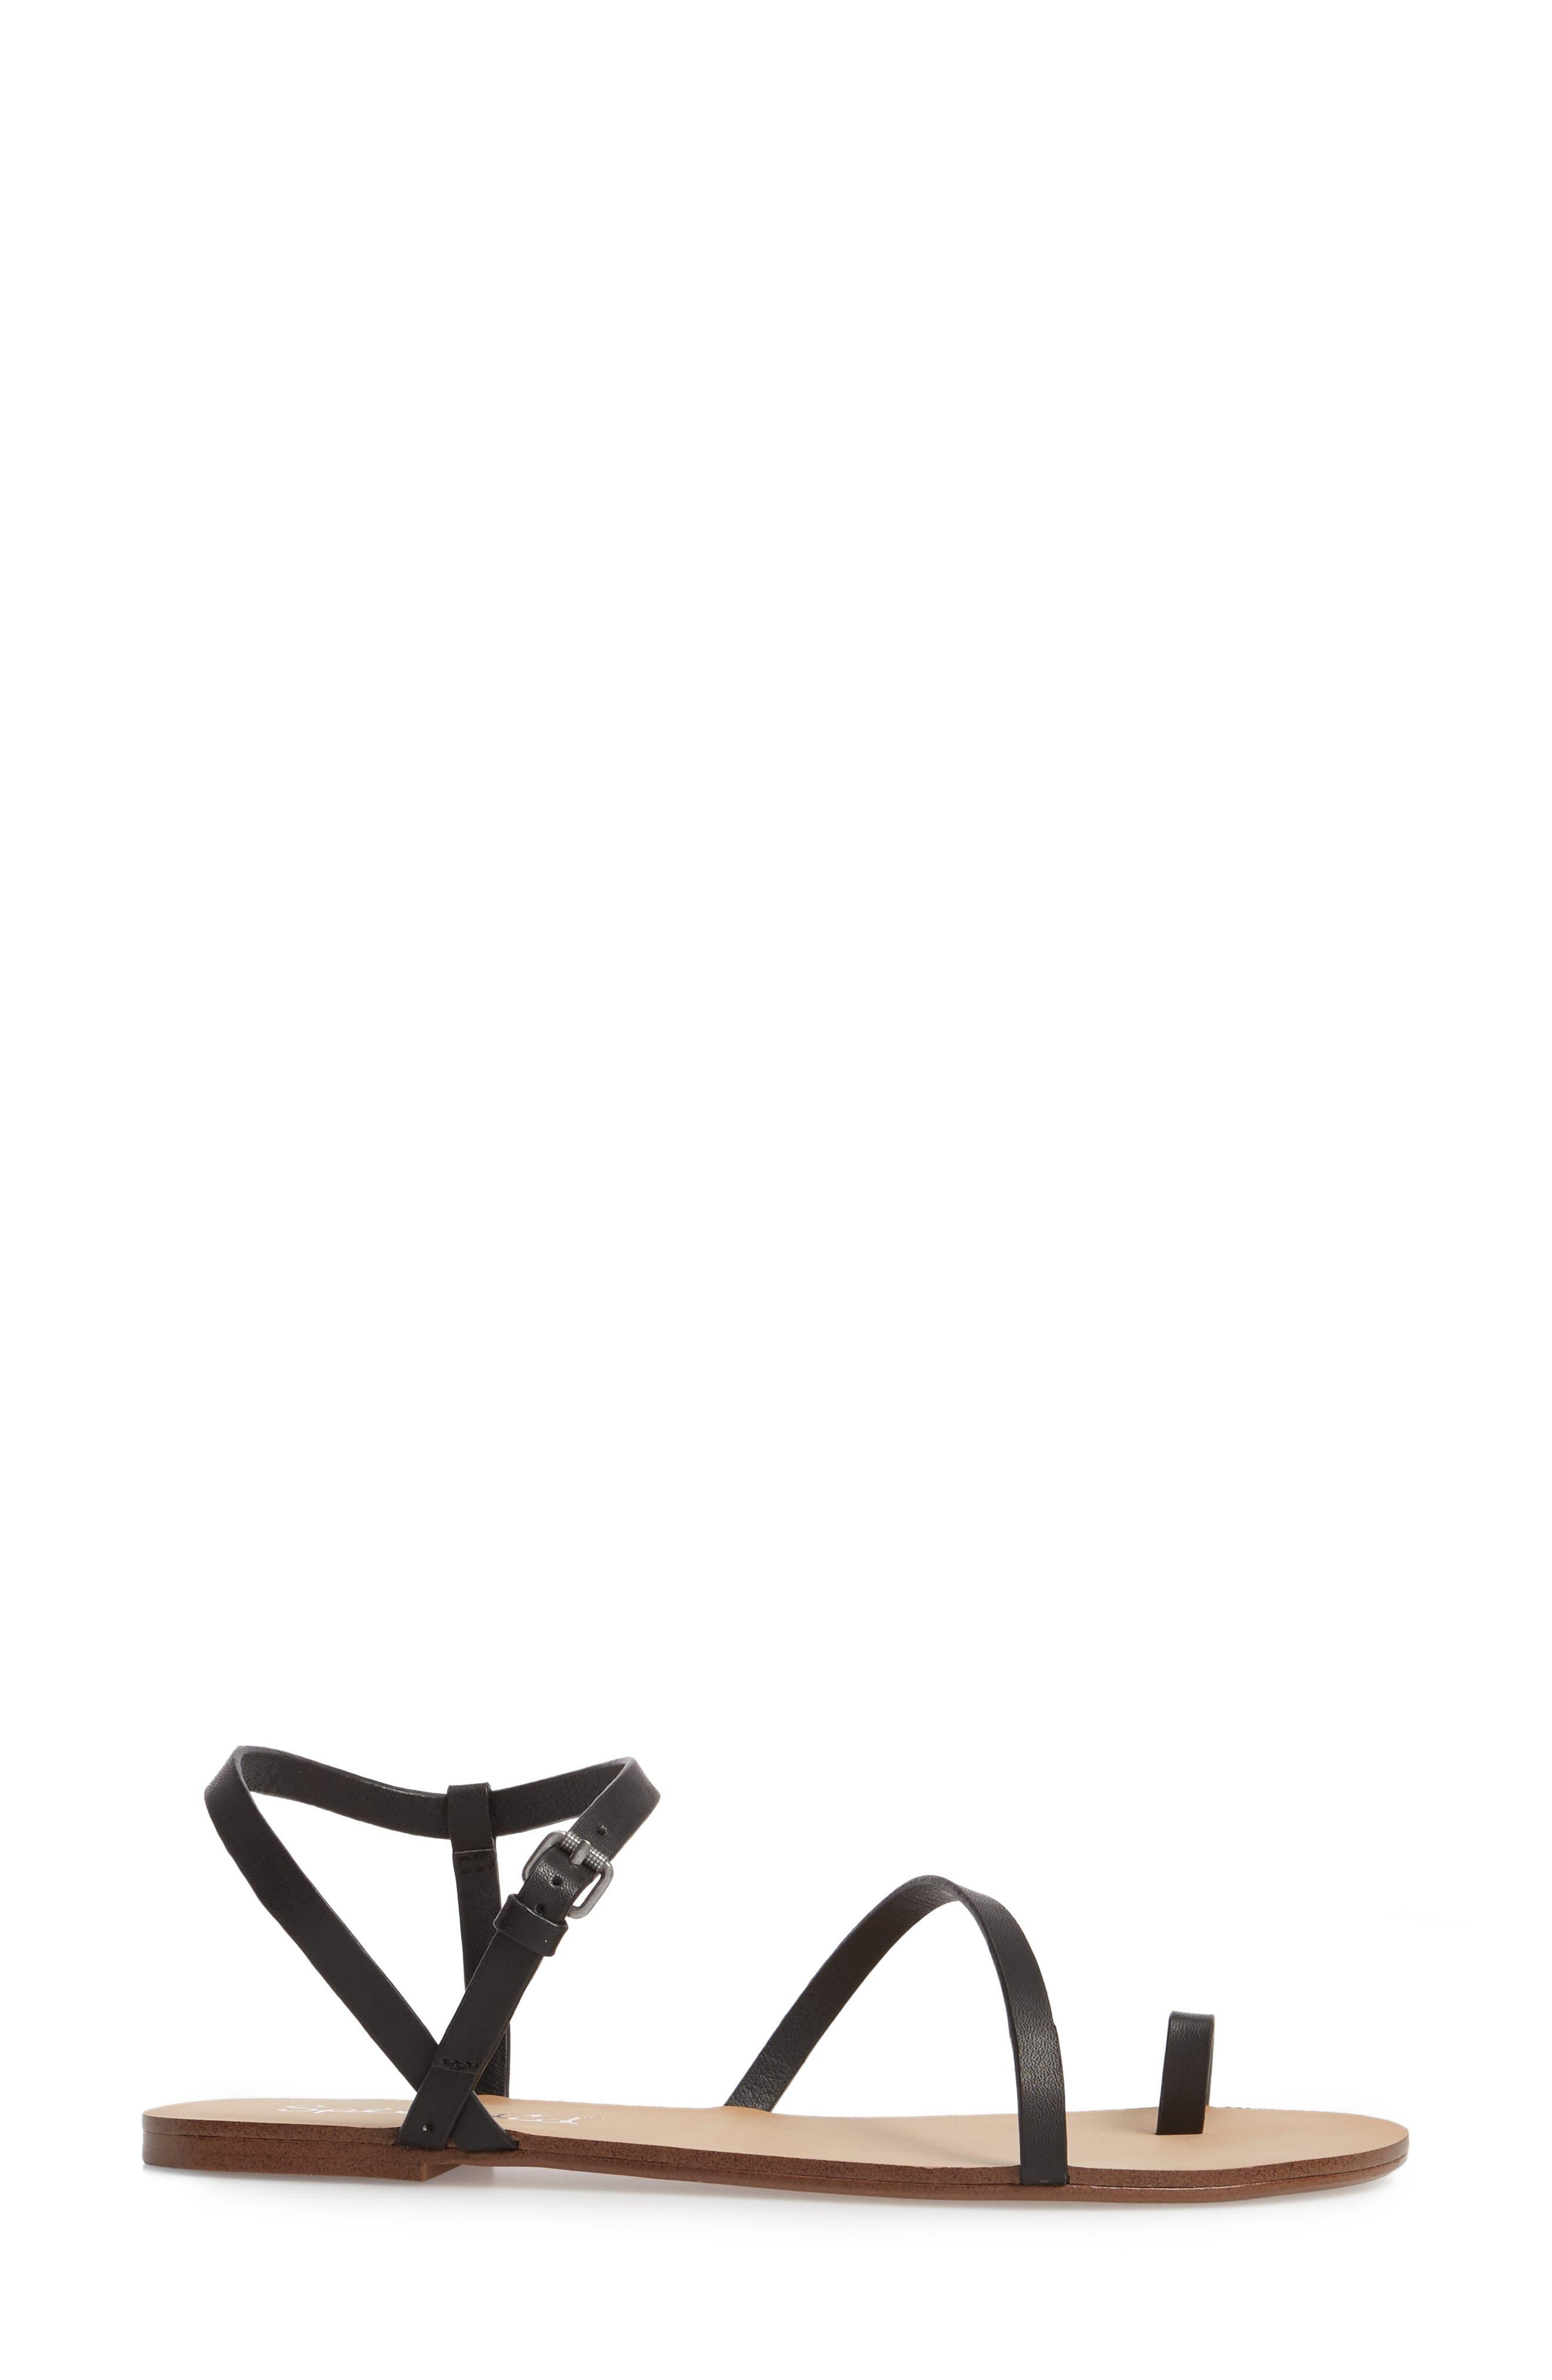 Flower Sandal,                             Alternate thumbnail 3, color,                             Black Leather